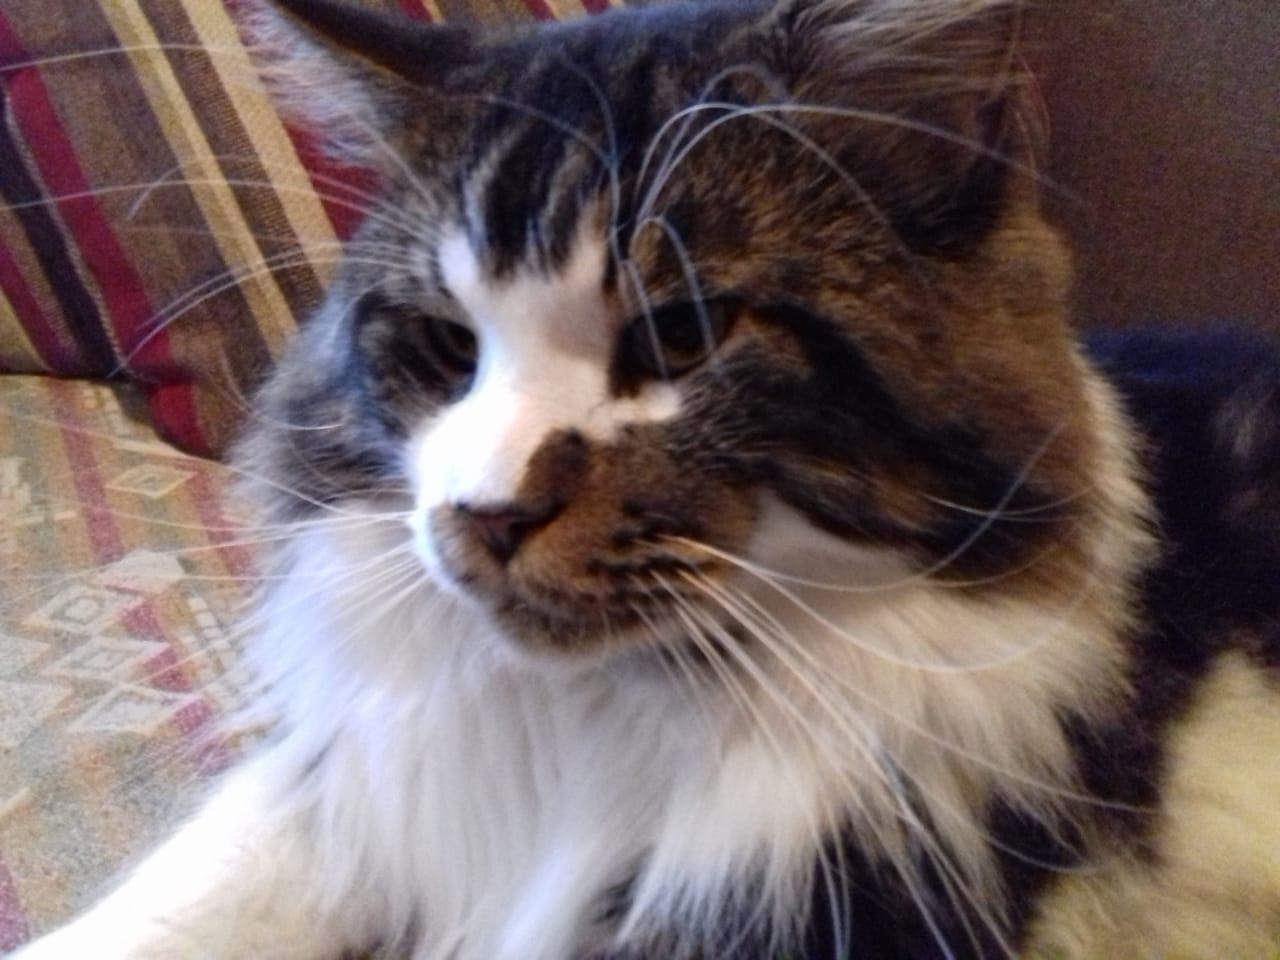 Как кошачий красавец мейн-ку́н смог  обидеть хозяйку  и  при чем тут  мой РОФЭС?